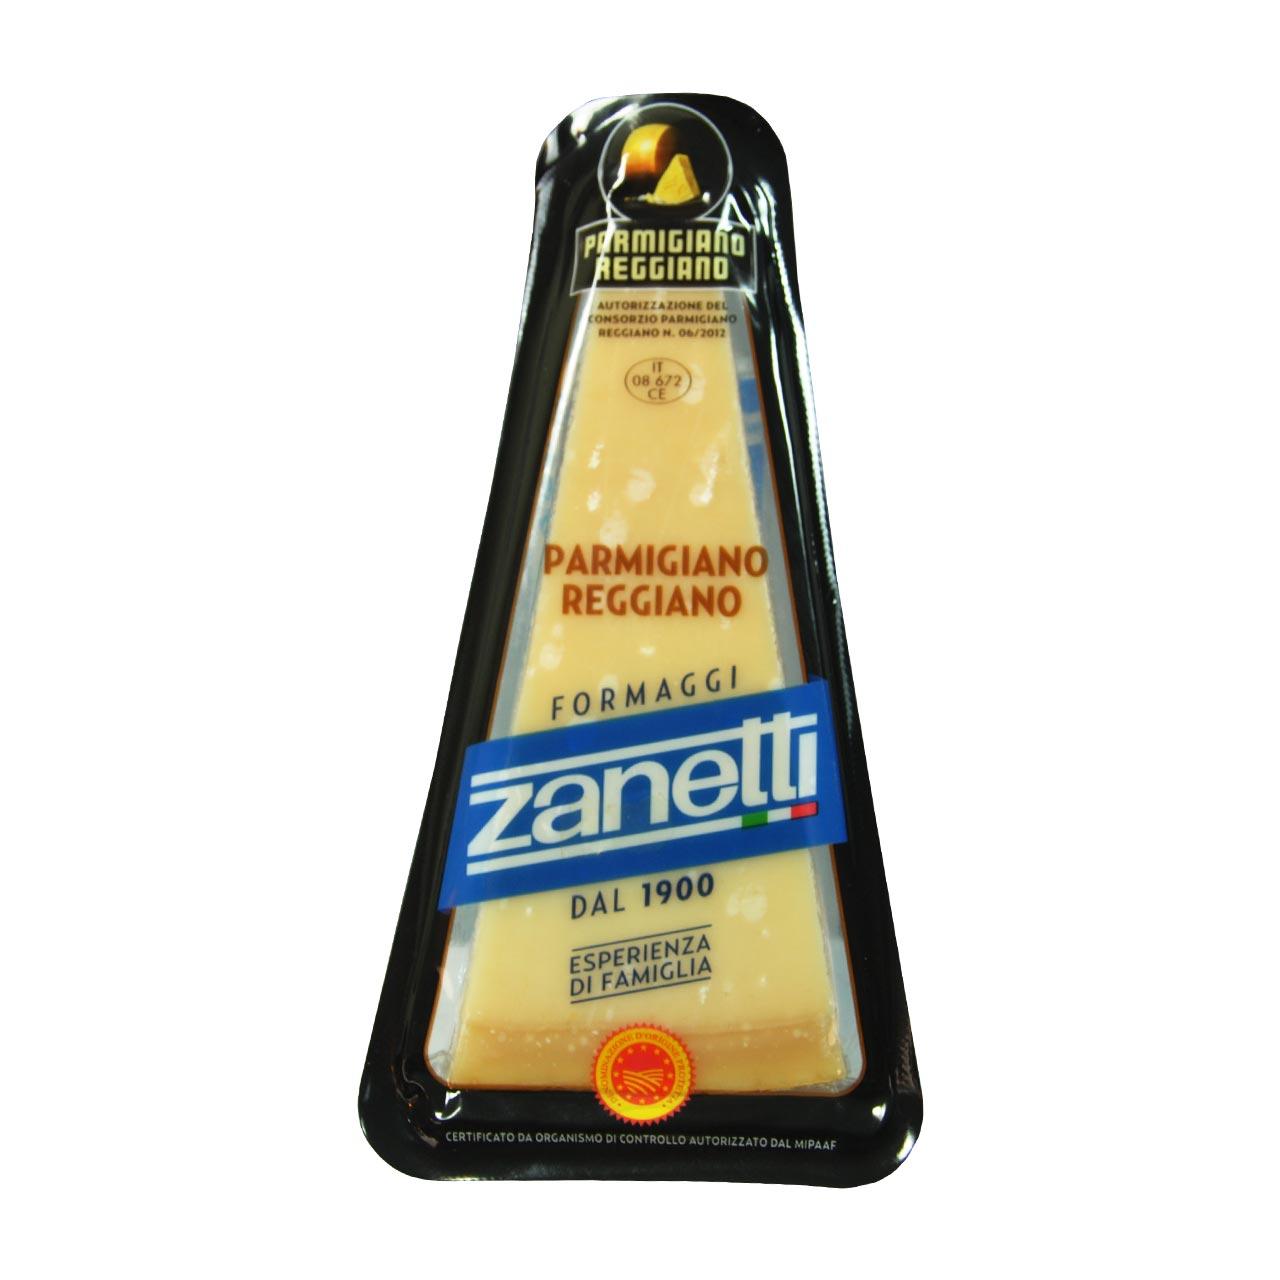 پنیر پارمزان زانتی – zanetti